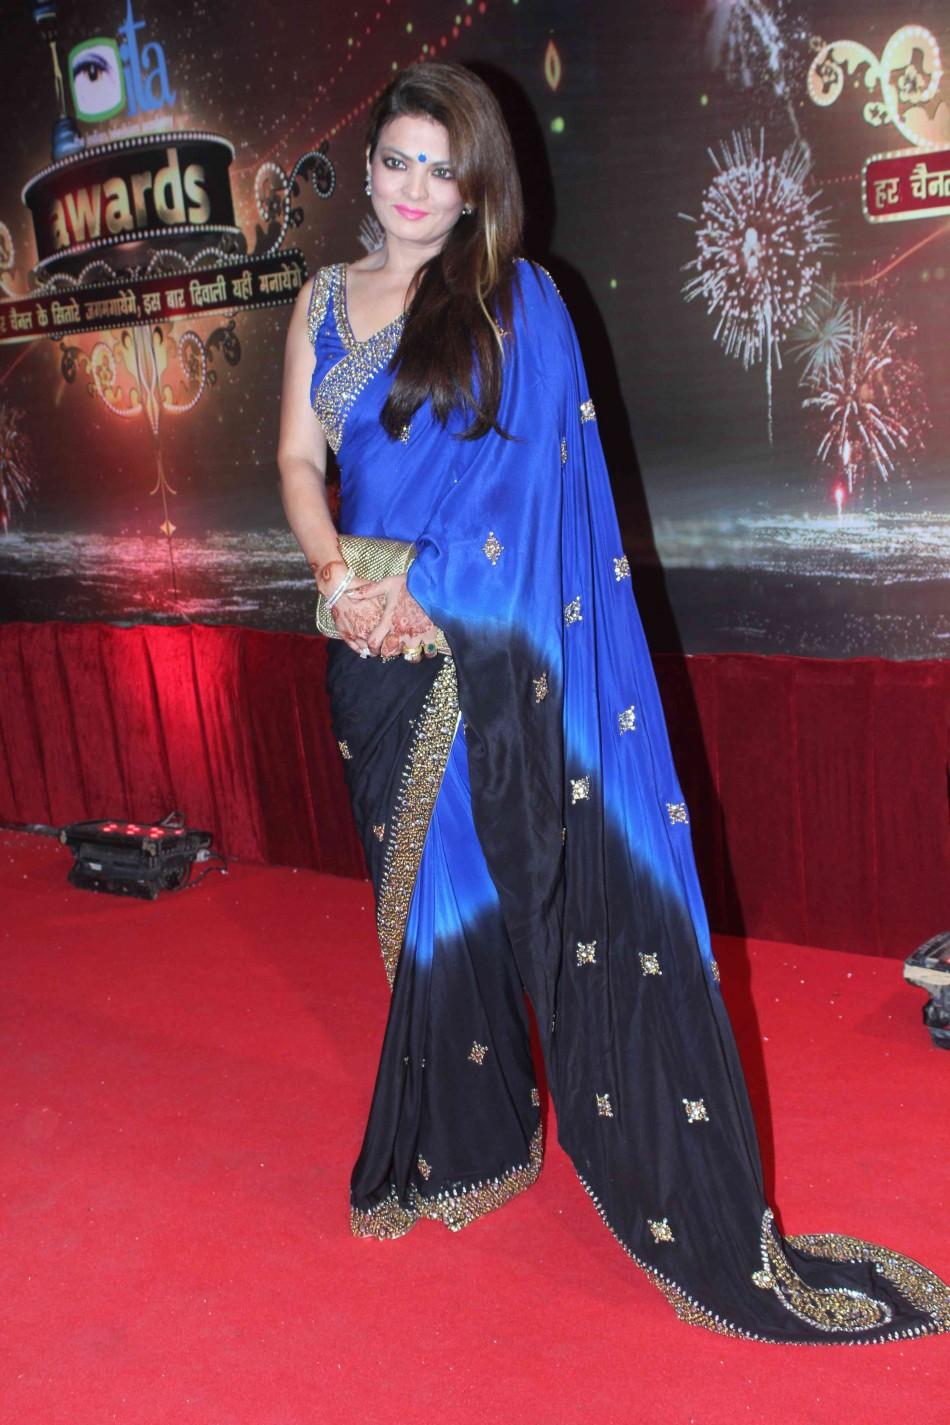 Paridhi Sharma Husband Red carpet: kapil sharma,